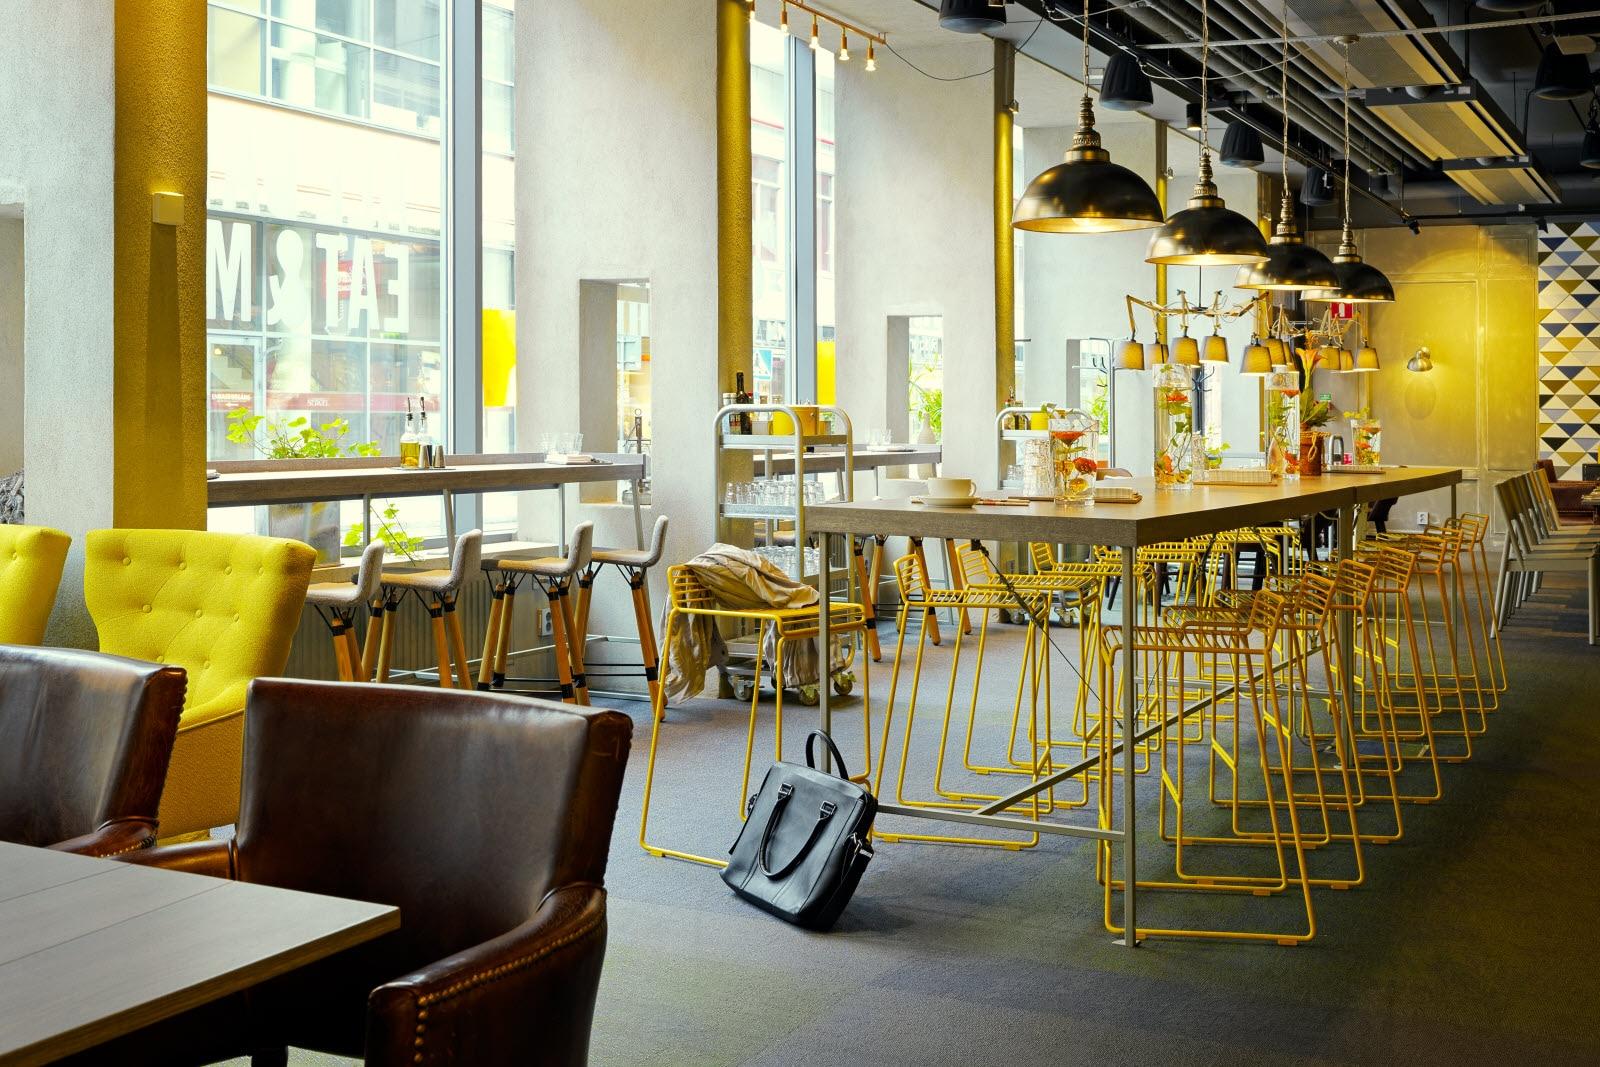 Grand caf klara scandic hotels for Food bar grand hotel stockholm